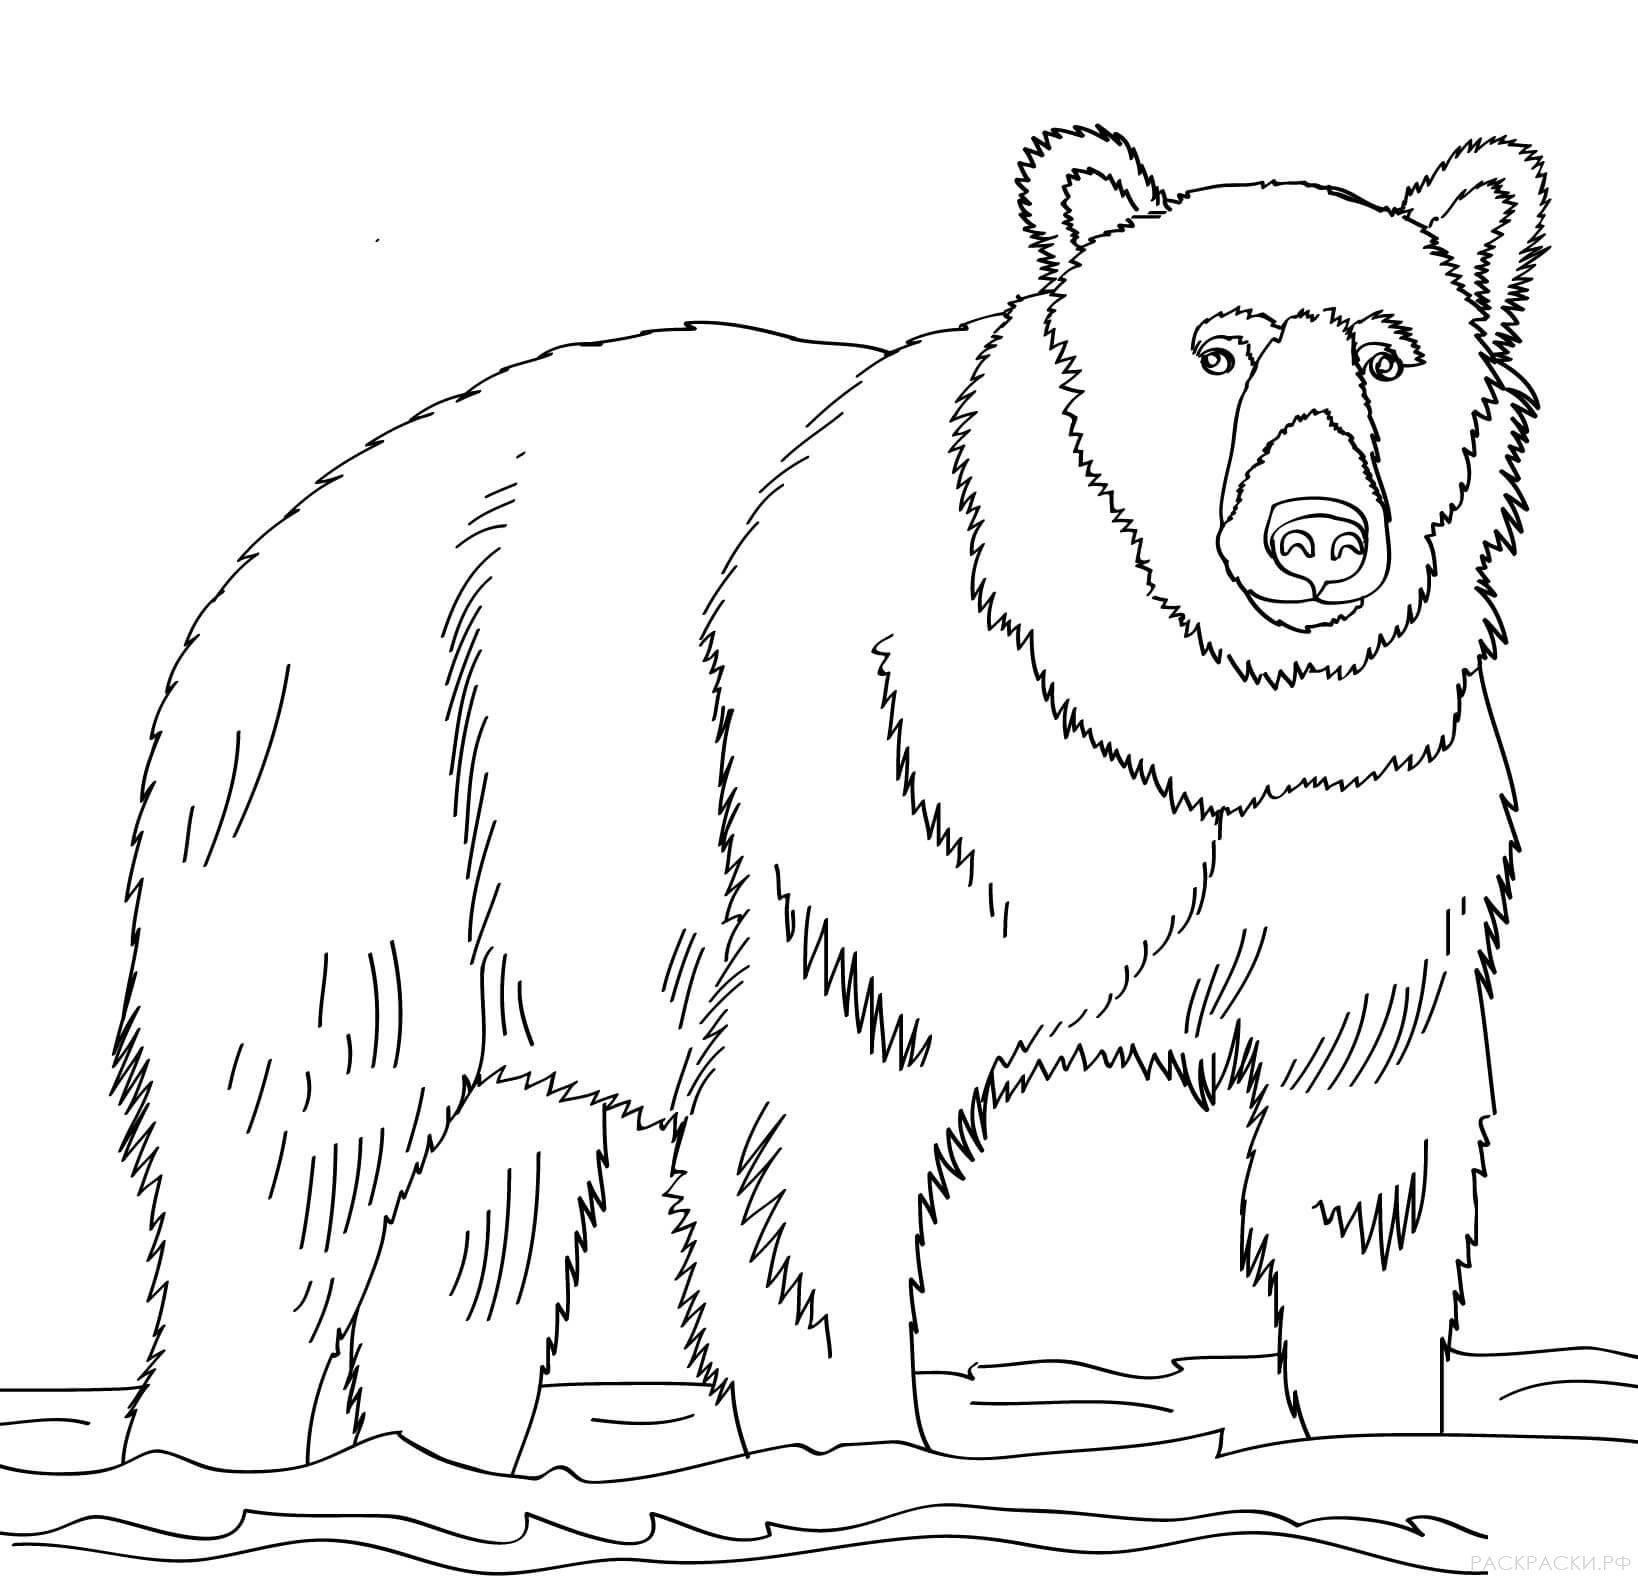 Картинка медведь для детей на прозрачном фоне для раскрашивания